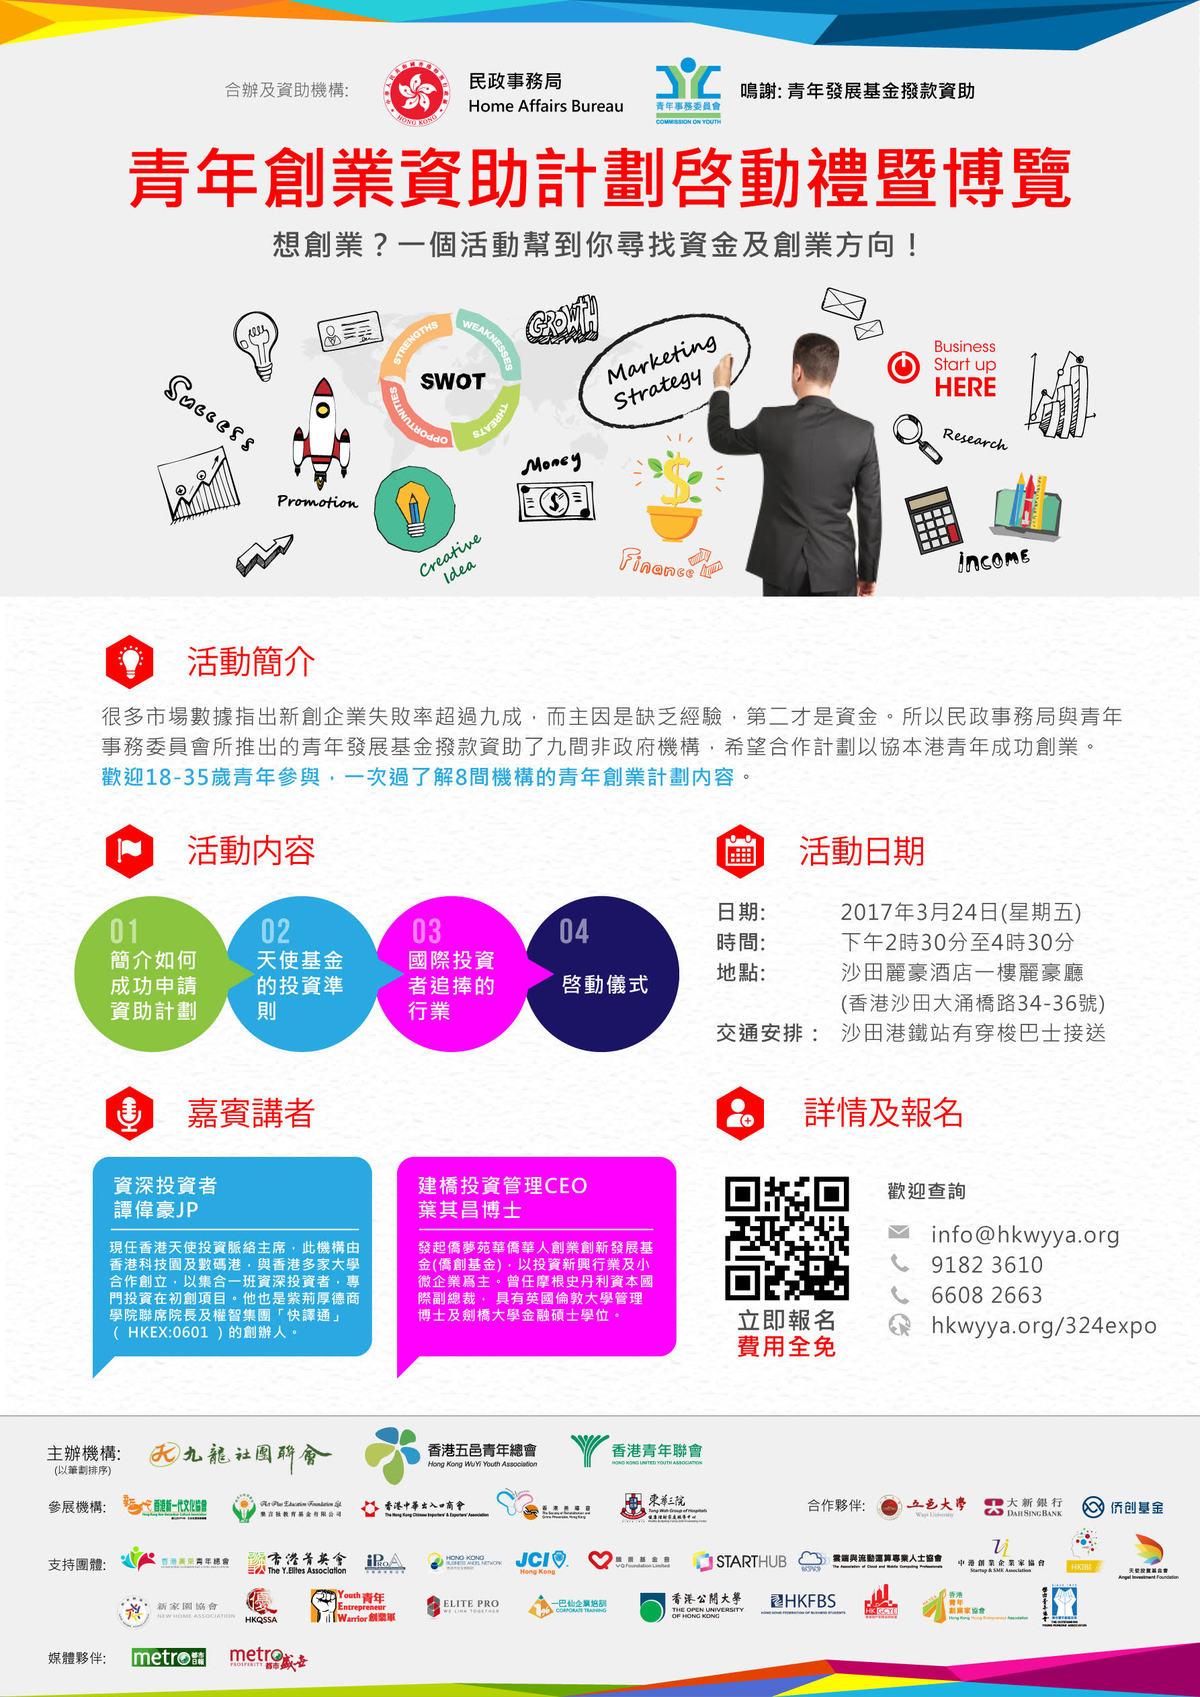 青年創業資助計劃啓動禮暨博覽 - 香港五邑青年總會